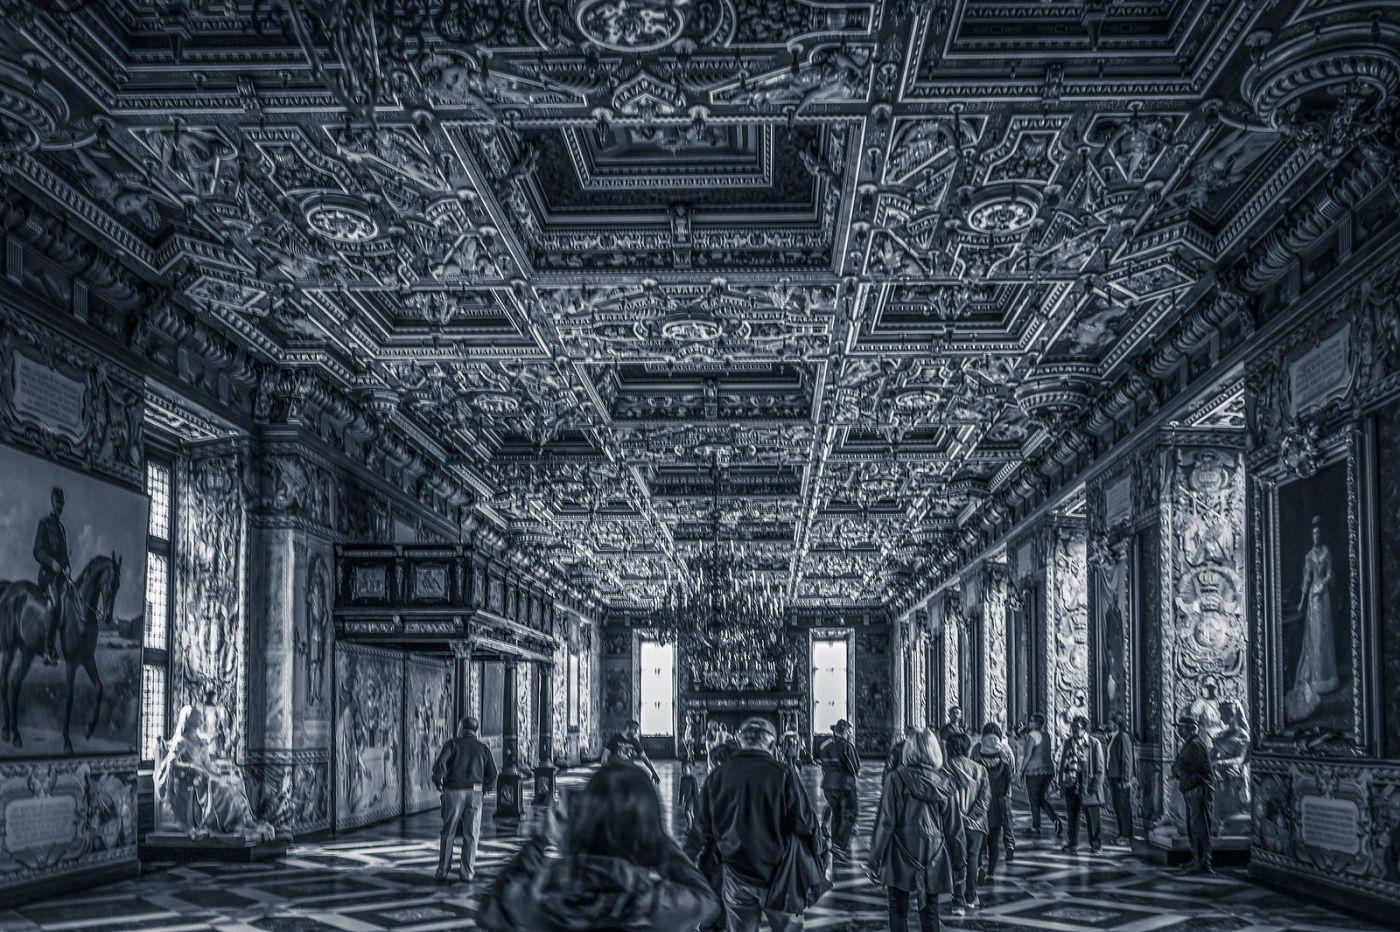 丹麦腓特烈堡城堡,回看历史_图1-21